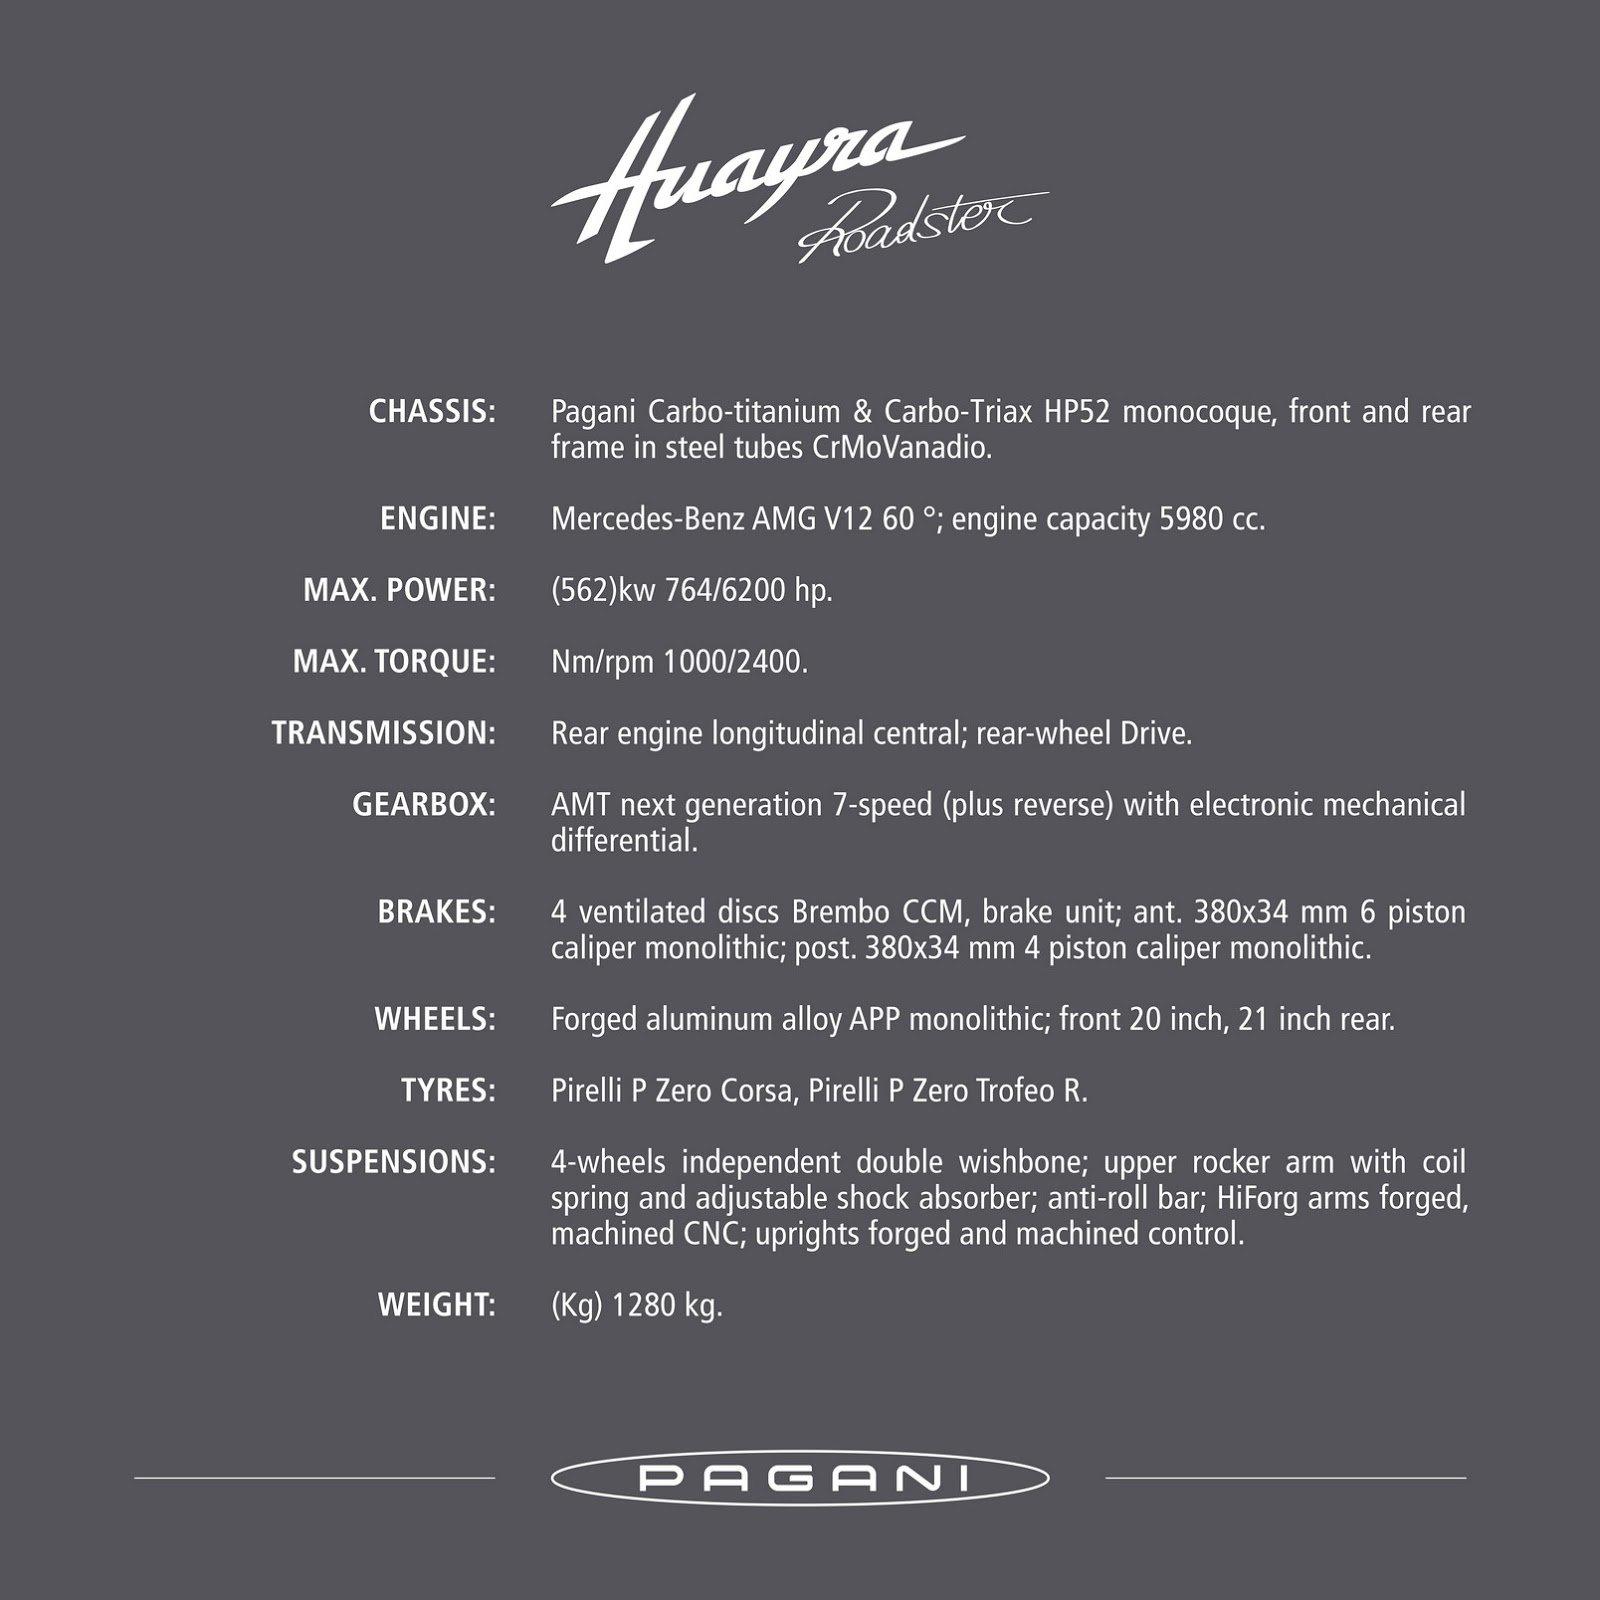 2017 Pagani Huayra Roadster